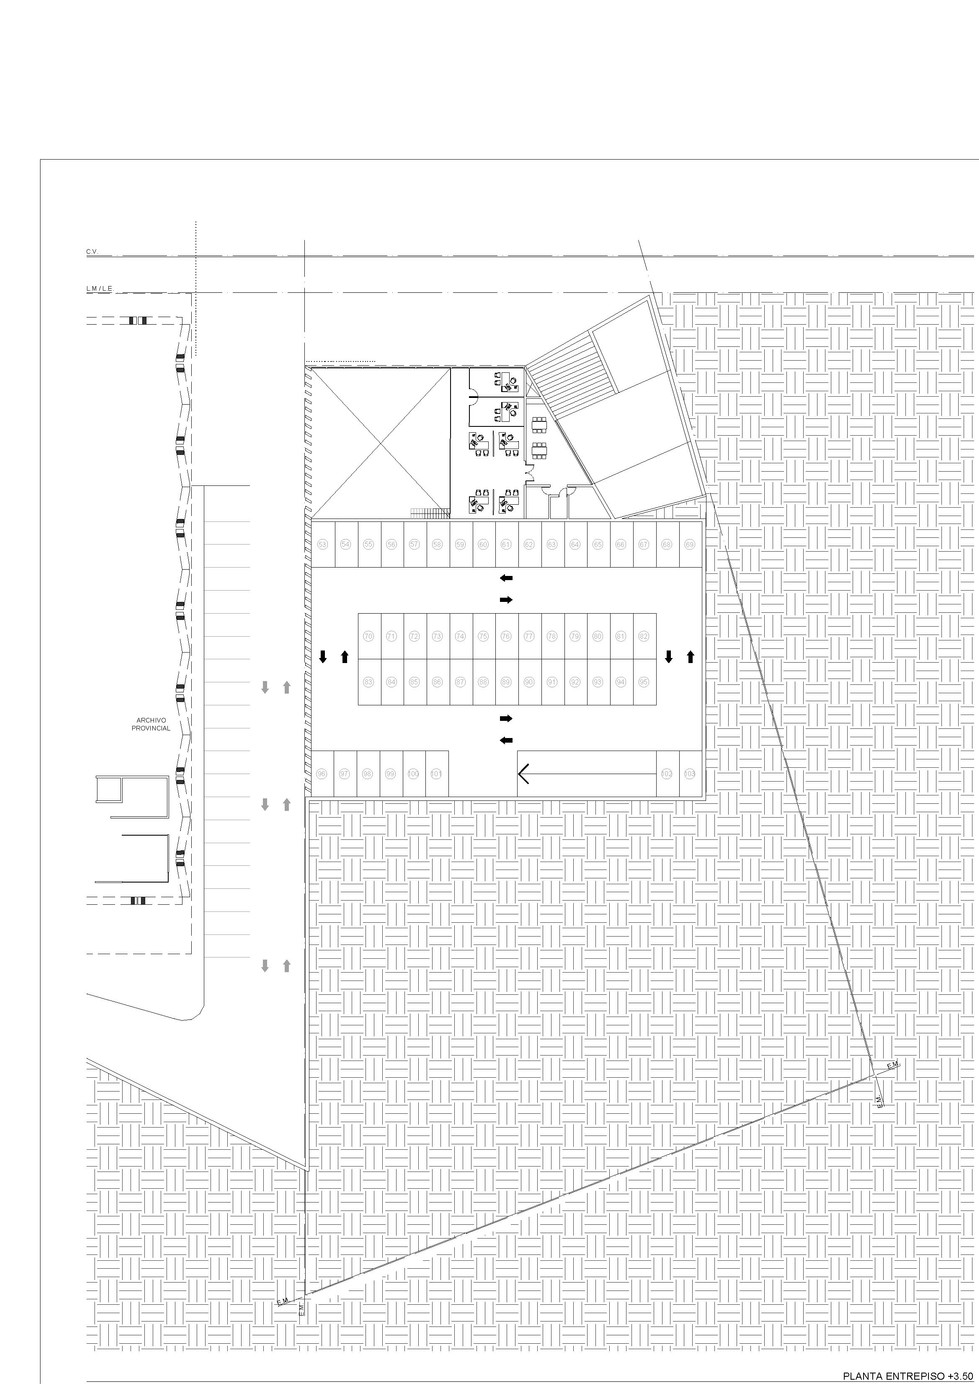 planos_um_av_lugones_pgina_2jpg